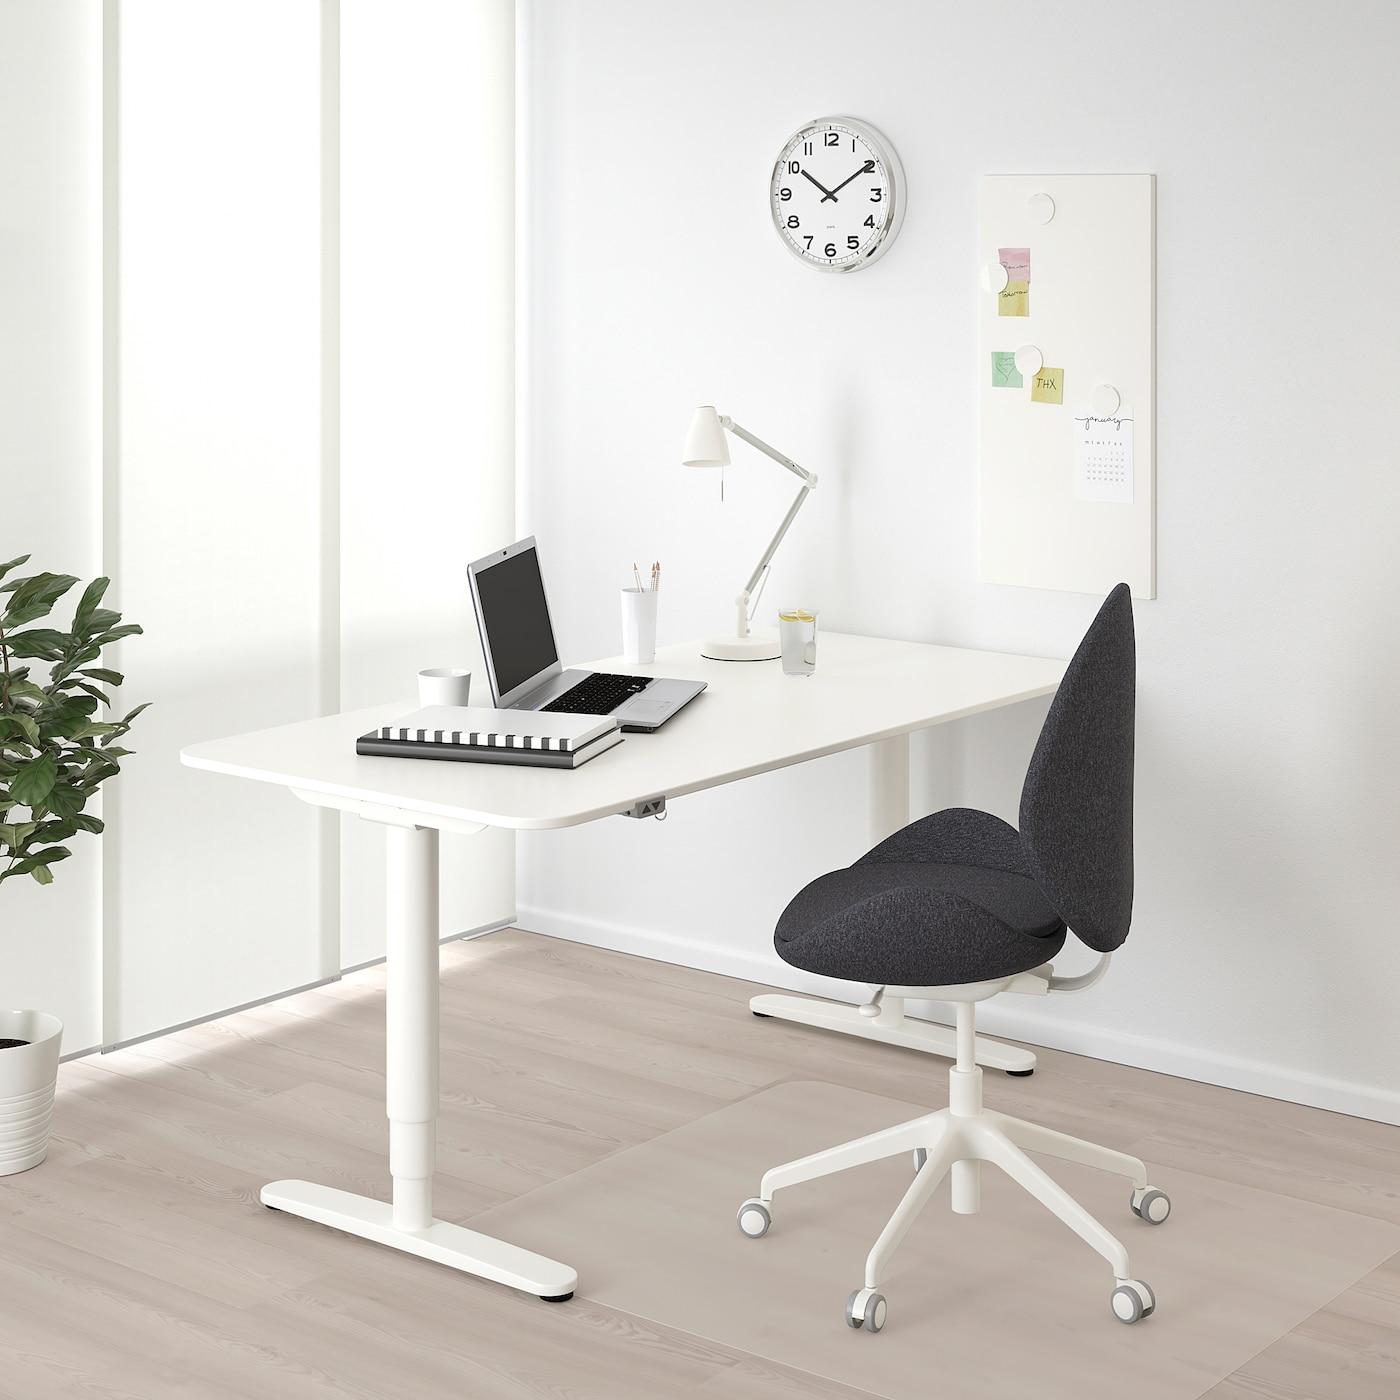 BEKANT polohovací stůl bílá 160 cm 80 cm 65 cm 125 cm 70 kg